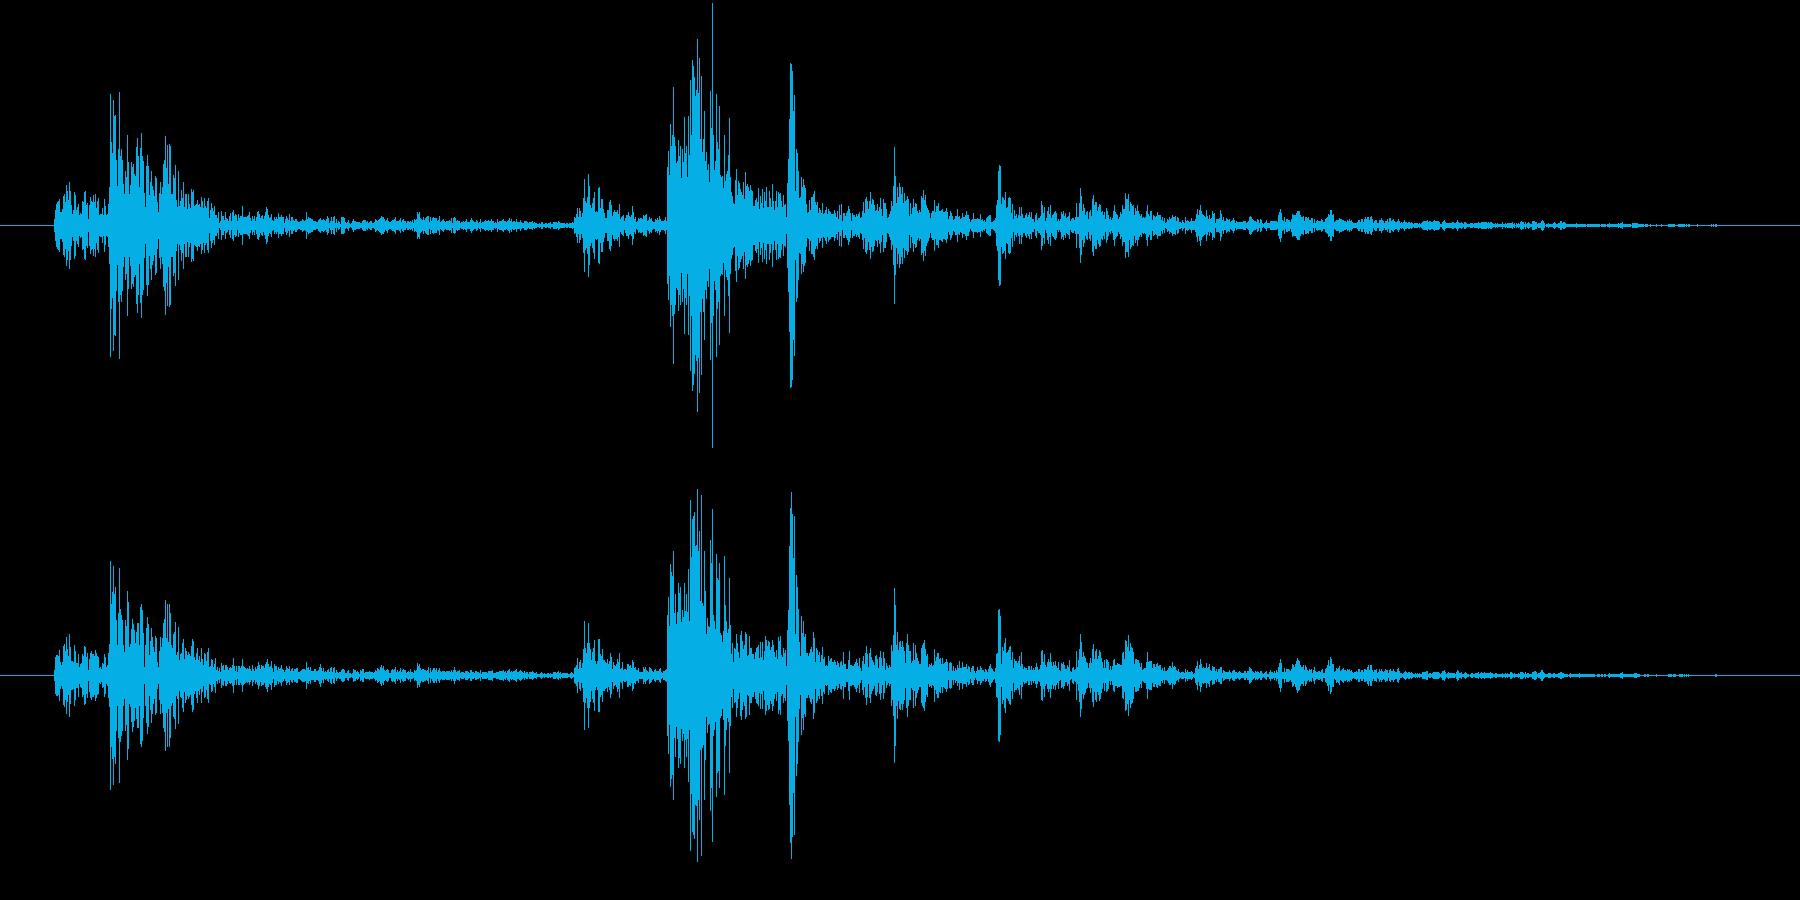 【生録音】弁当・惣菜パックの音10 フタの再生済みの波形